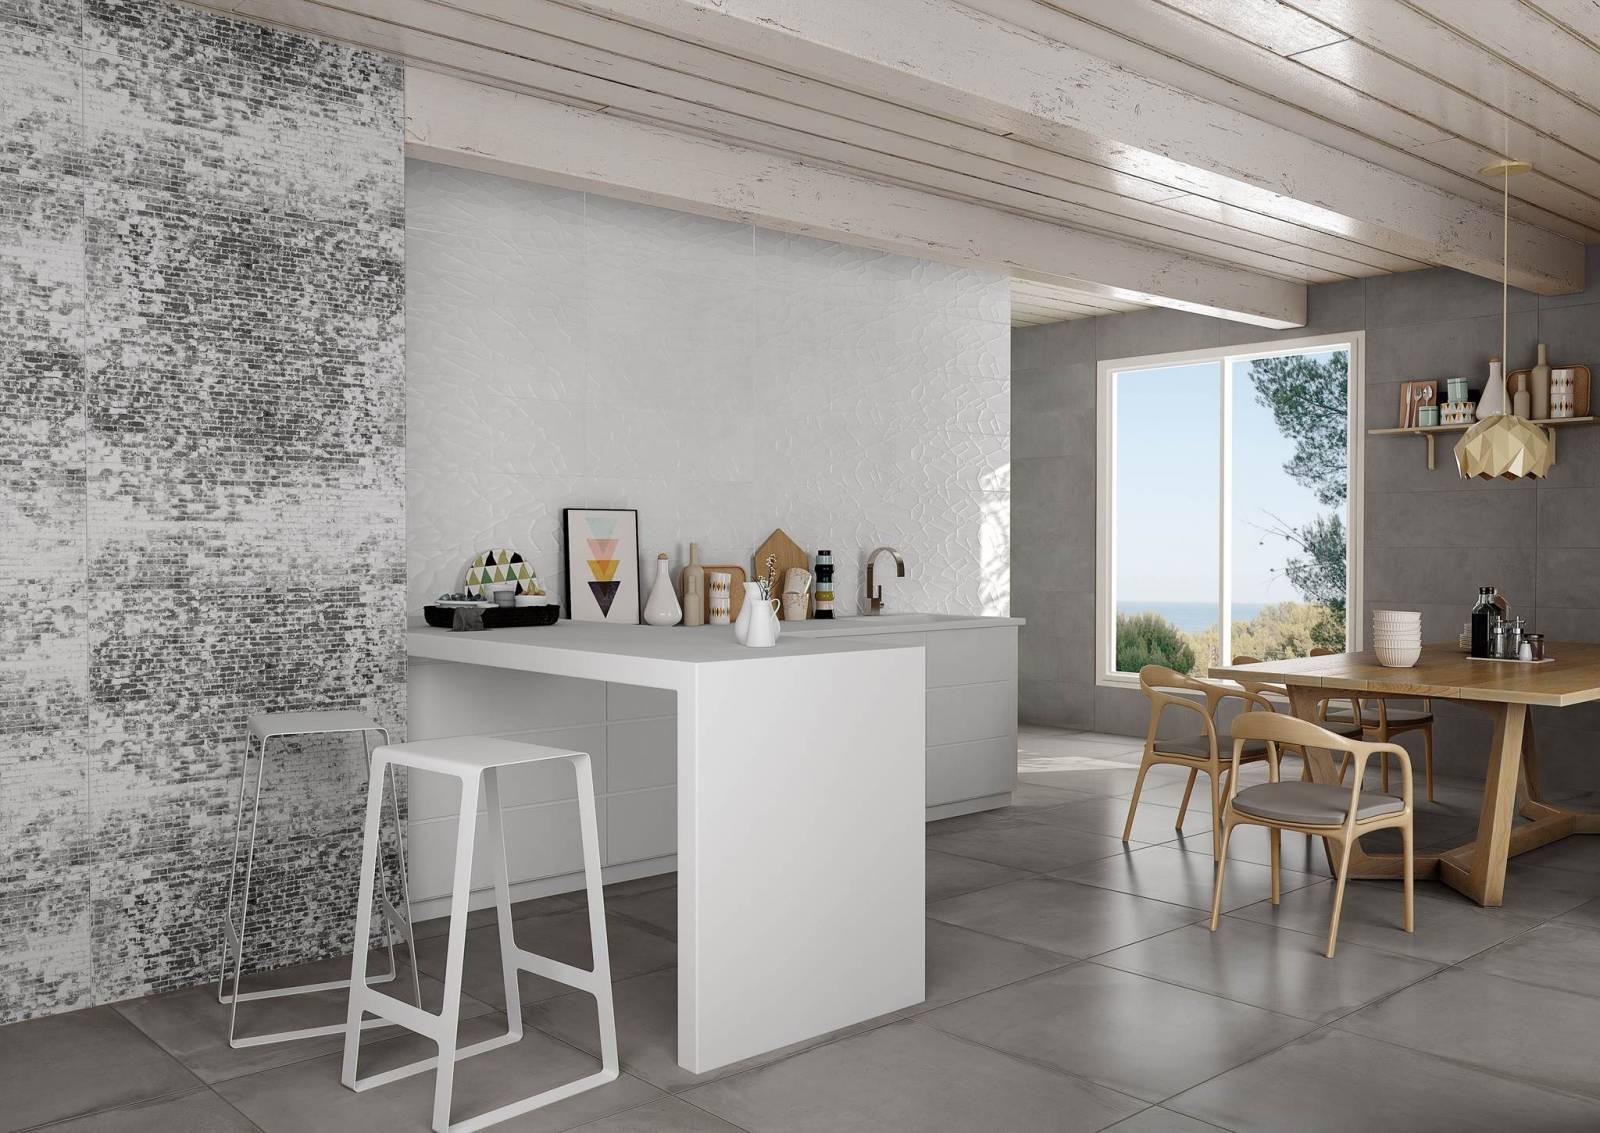 carrelage effet papier froisse salle de bains cuisine montpellier h rault a5 vente de. Black Bedroom Furniture Sets. Home Design Ideas